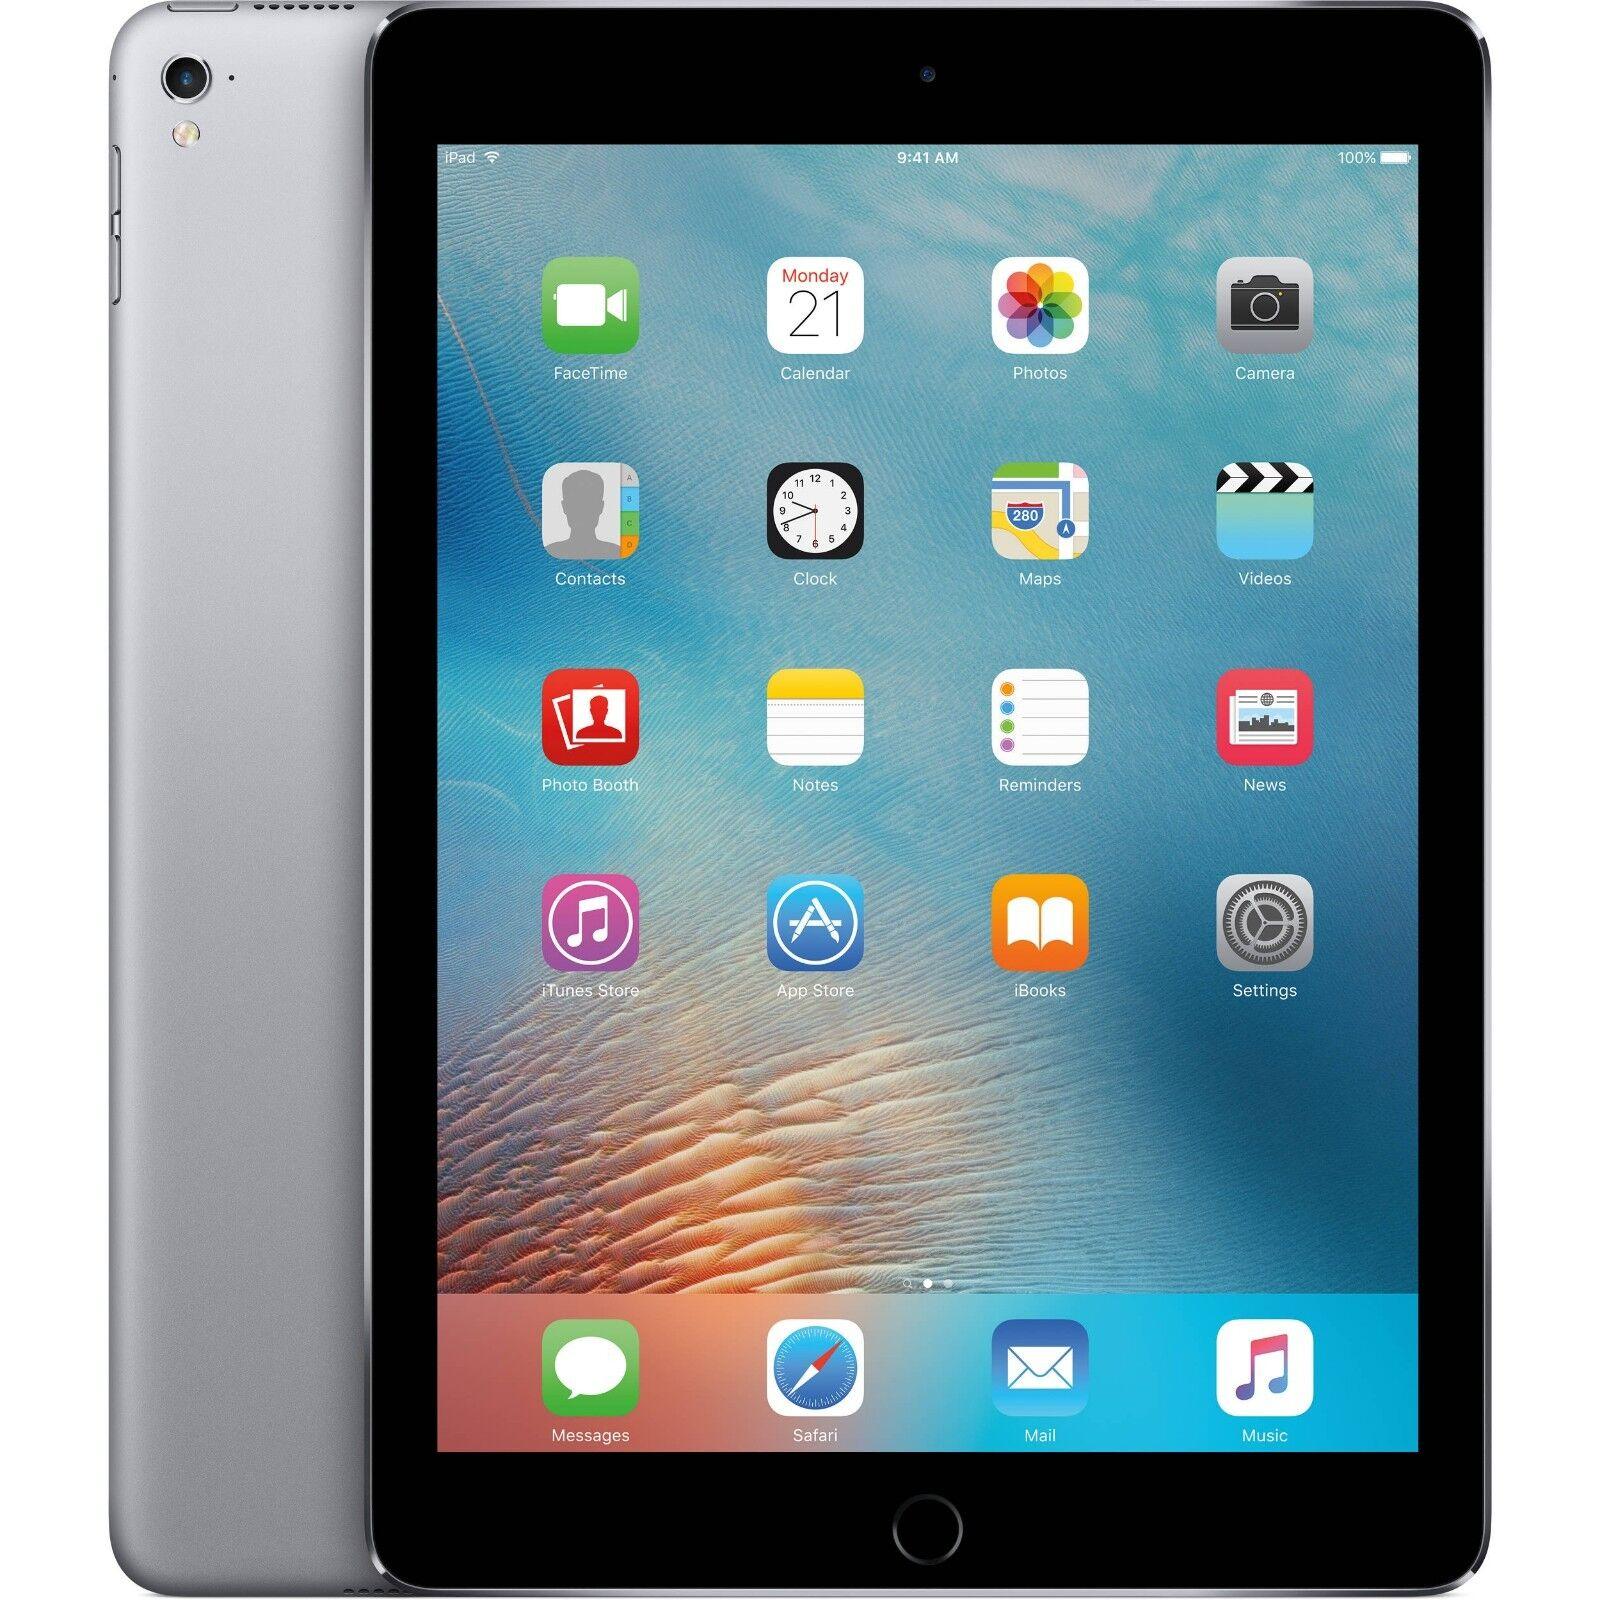 Ipad - Apple iPad Pro 12.9' With Retina Display ( Wi-Fi Only, 128GB Space Gray)